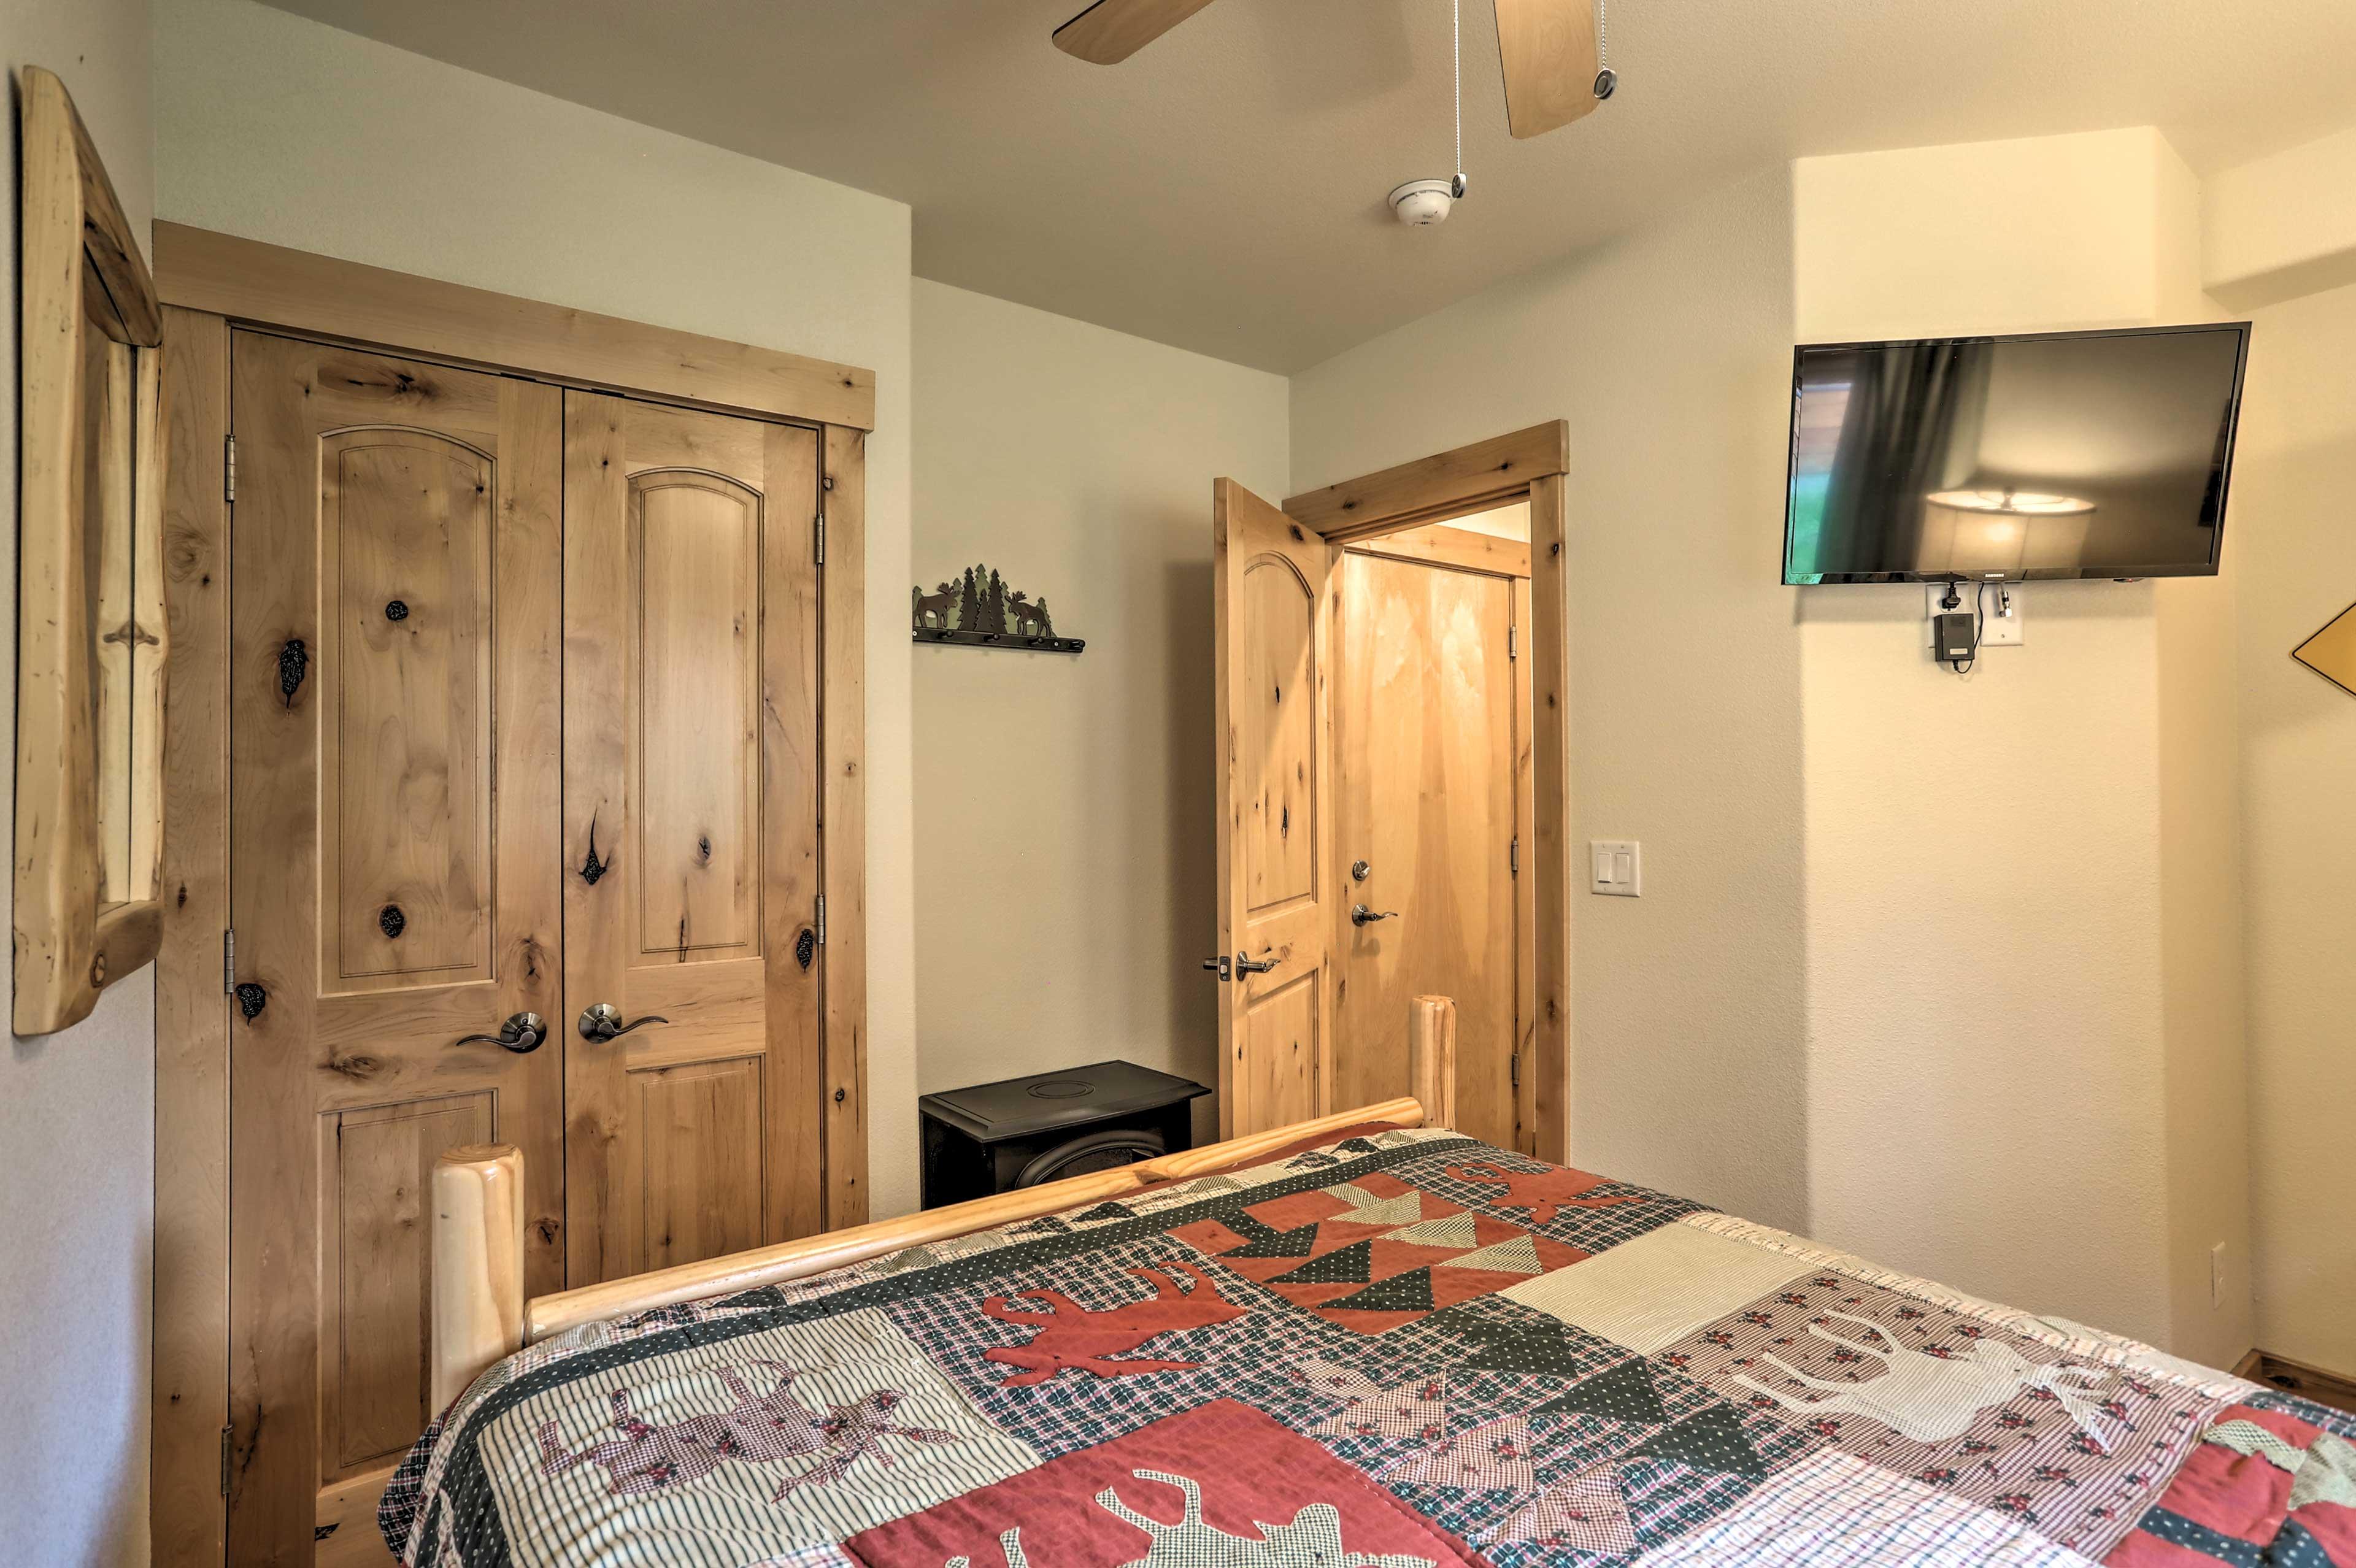 Bedroom 3 | Flat-Screen TV